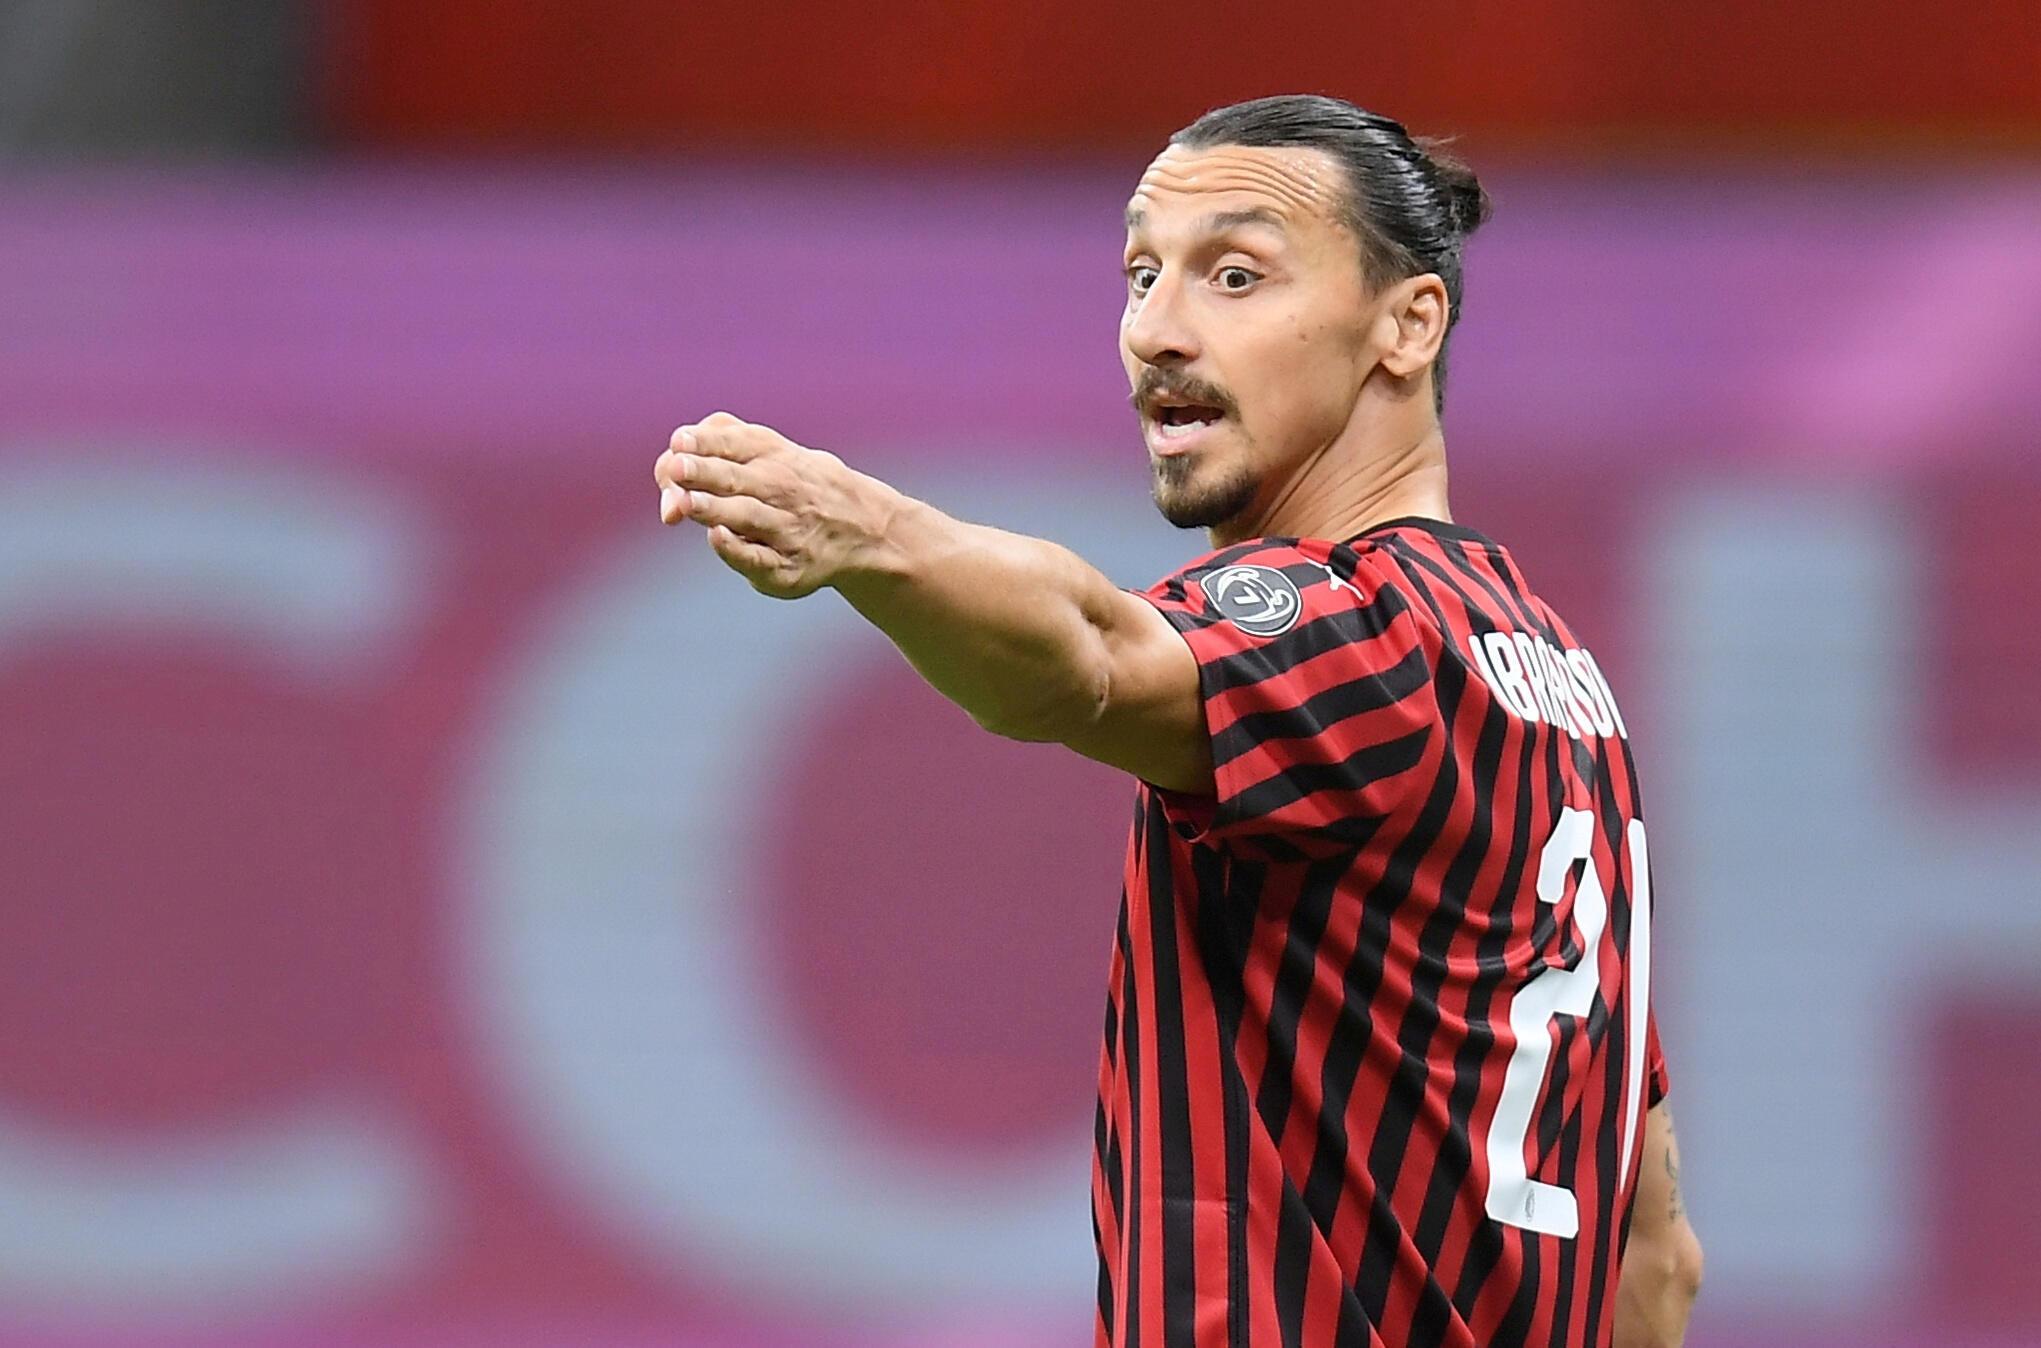 L'AC Milan a officialisé la prolongation d'un an du contrat de Zlatan Ibrahimovic, le 31 août 2020.